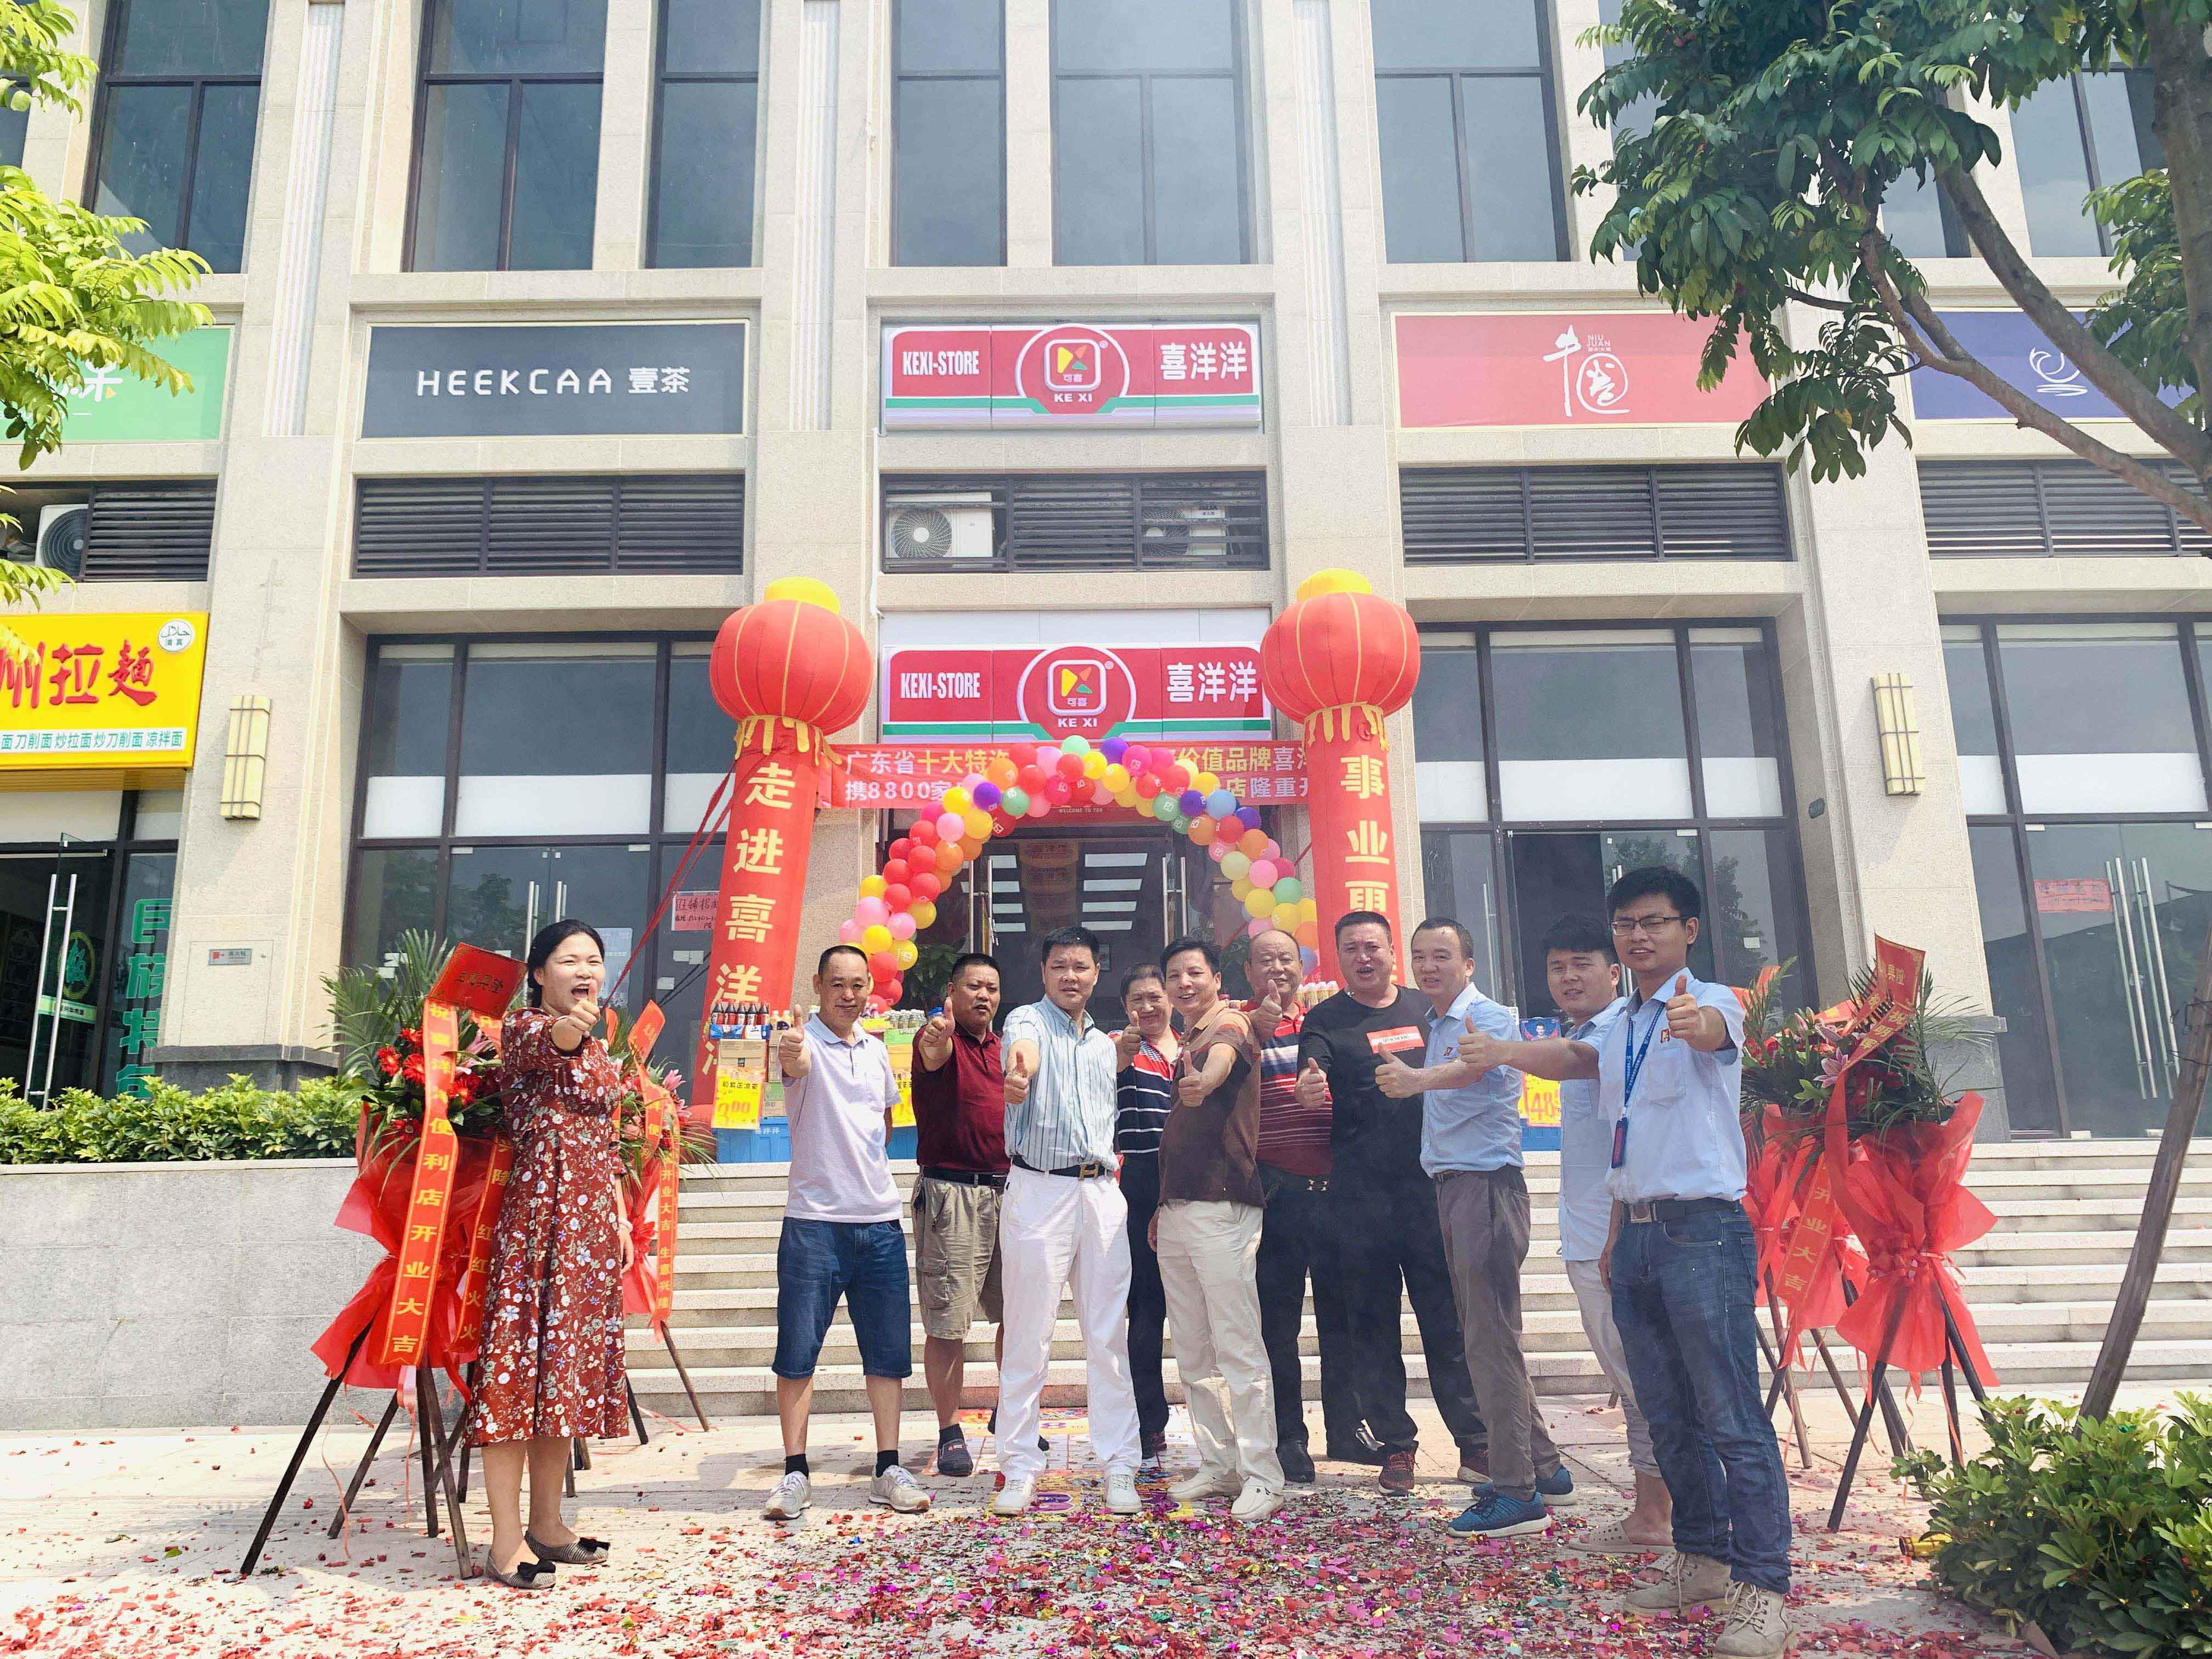 热烈祝贺喜洋洋8月29日又迎来新店开业:仲恺天锋一分店